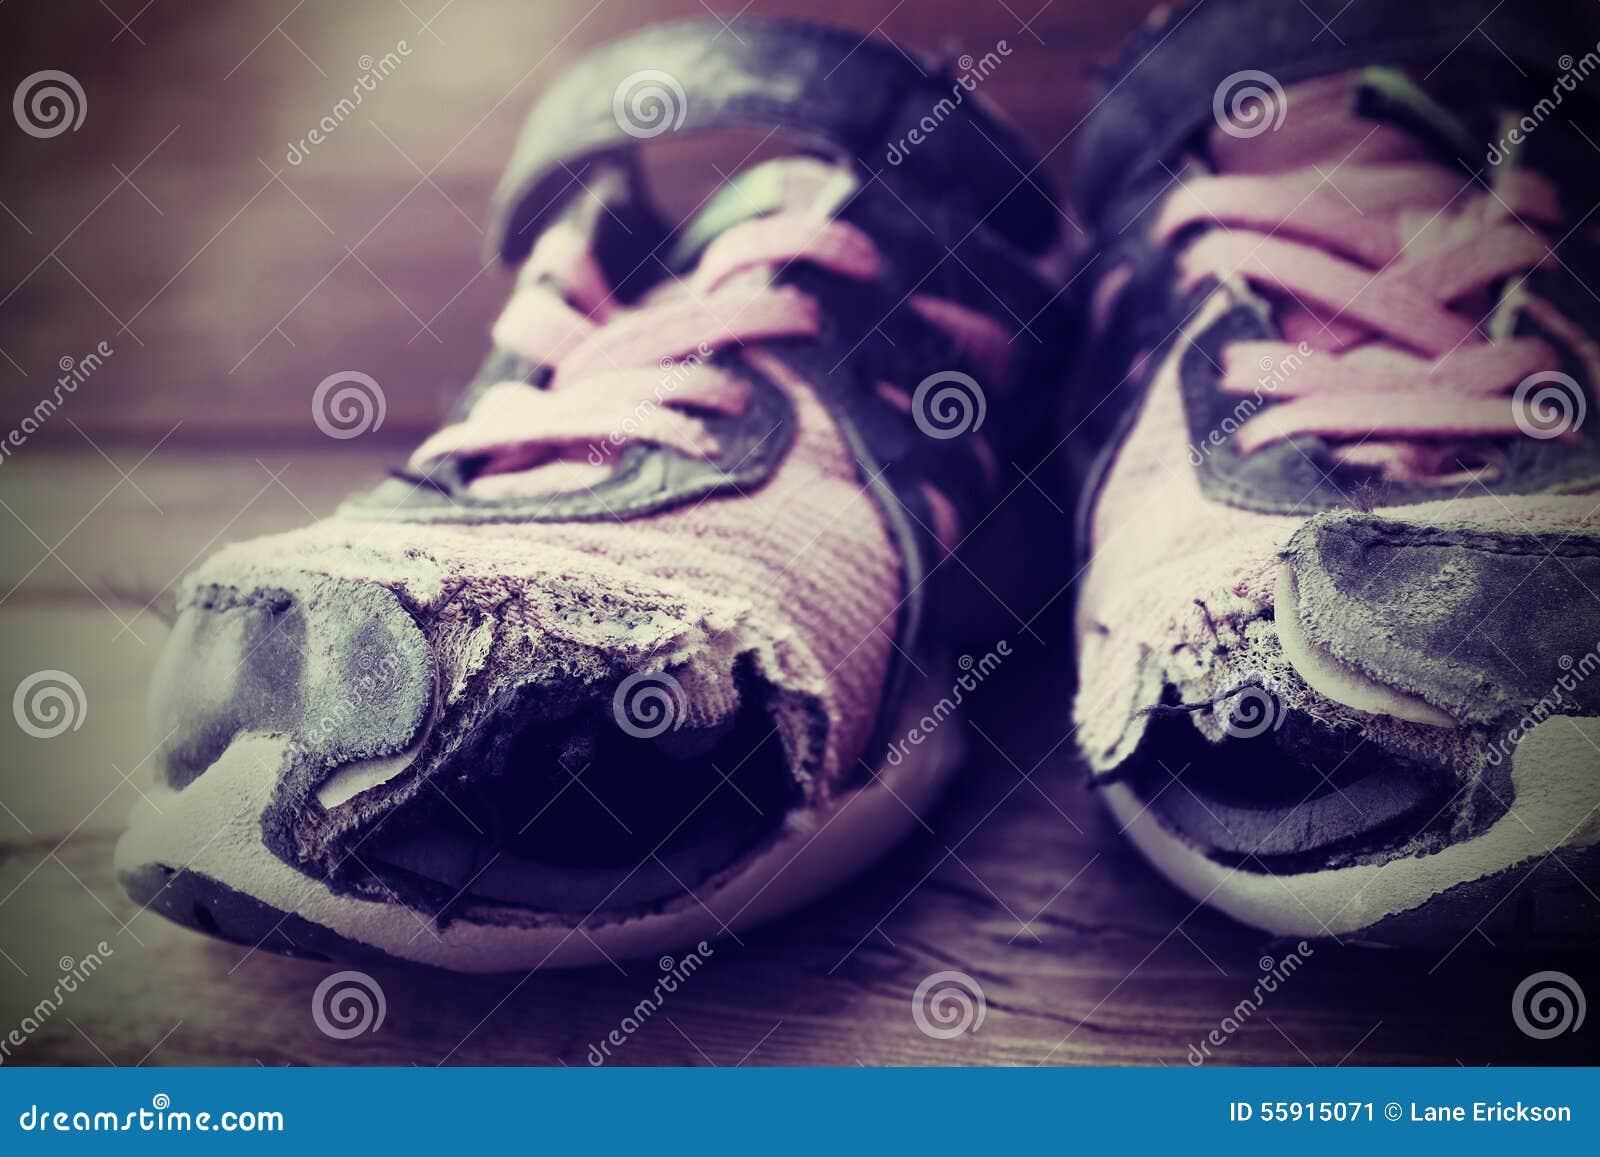 64c306d57cda25 de-oude-gaten-van-tennis-atletische-schoenen-55915071.jpg